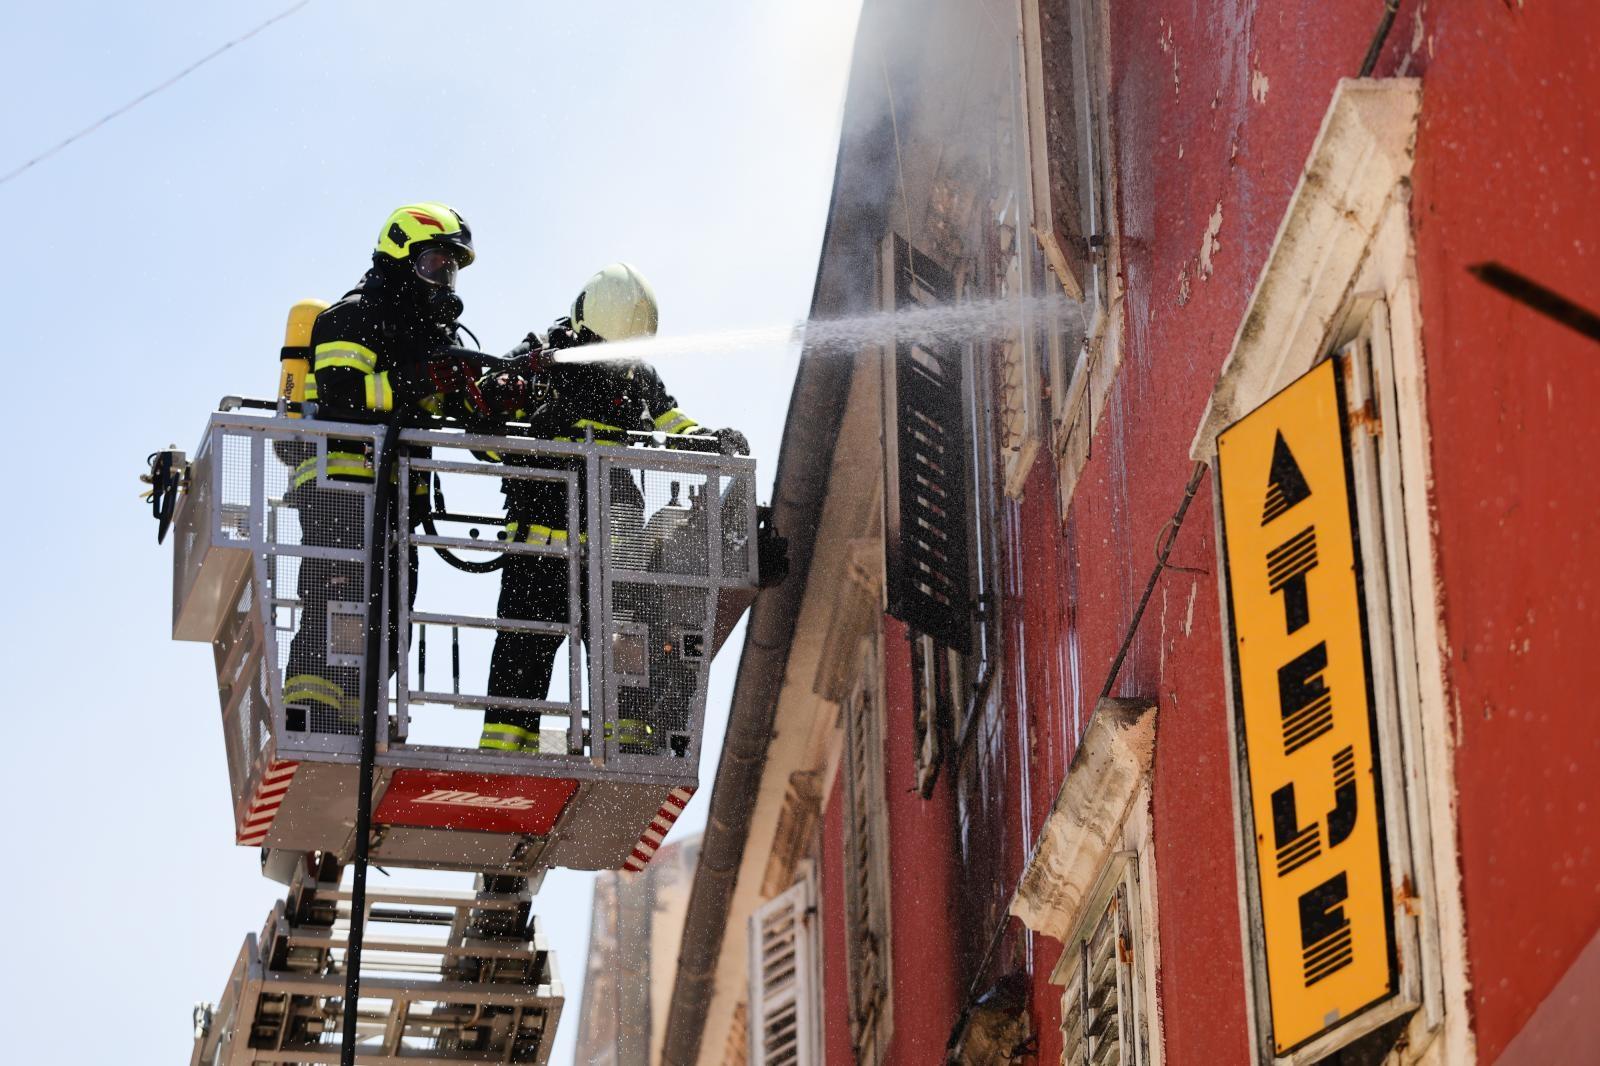 Hrvatskoj vatrogasnoj zajednici dostavljen usuglašeni prijedlog Pravilnika o koeficijentima složenosti poslova radnih mjesta